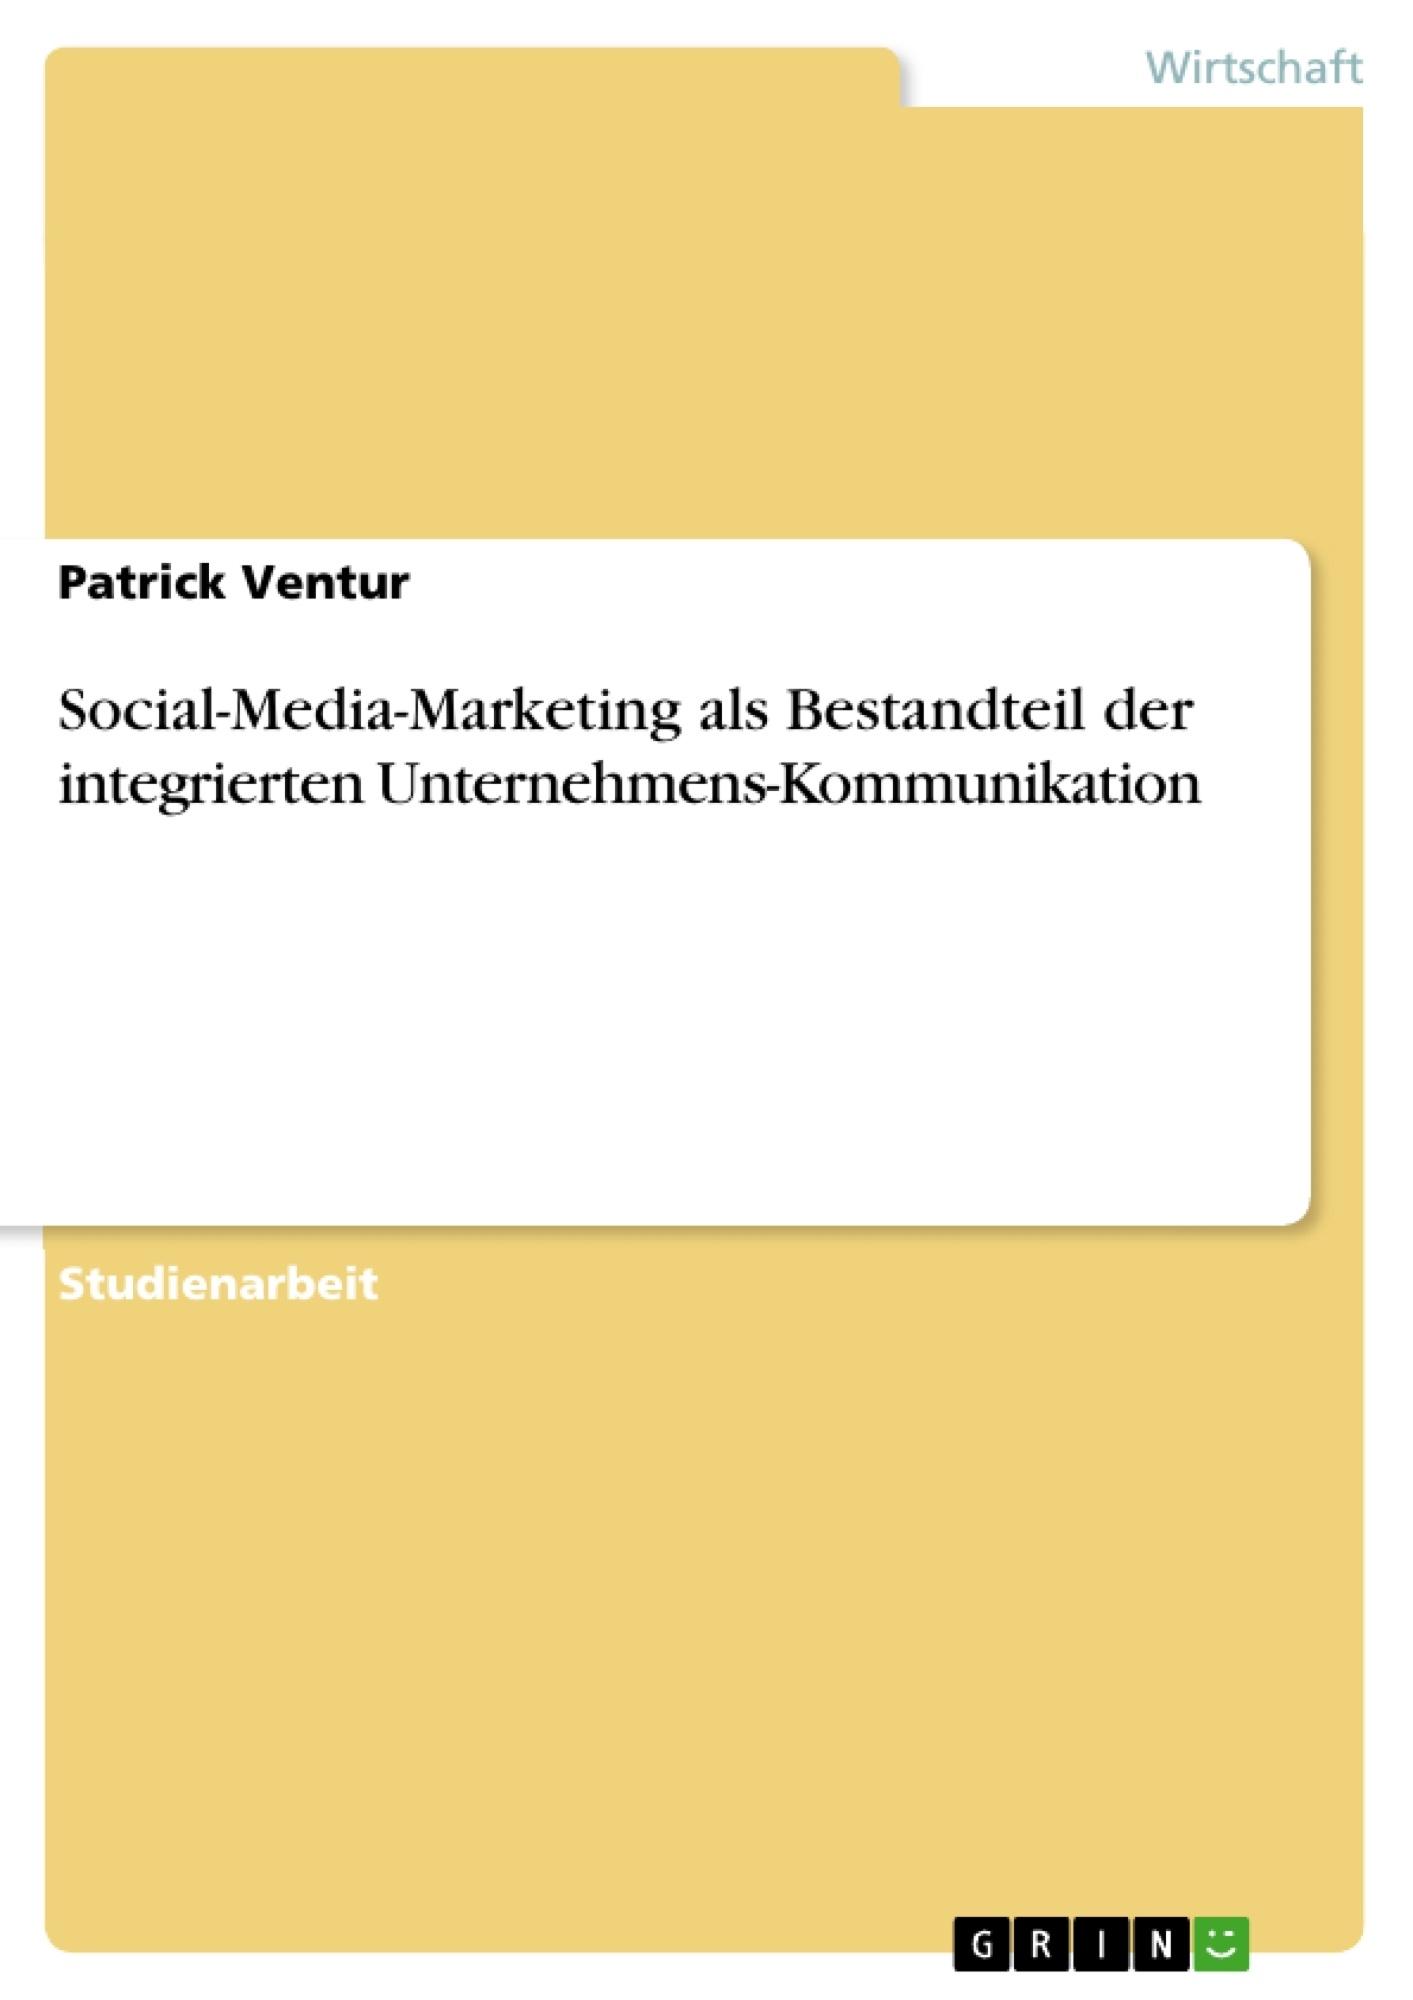 Titel: Social-Media-Marketing als Bestandteil der integrierten Unternehmens-Kommunikation